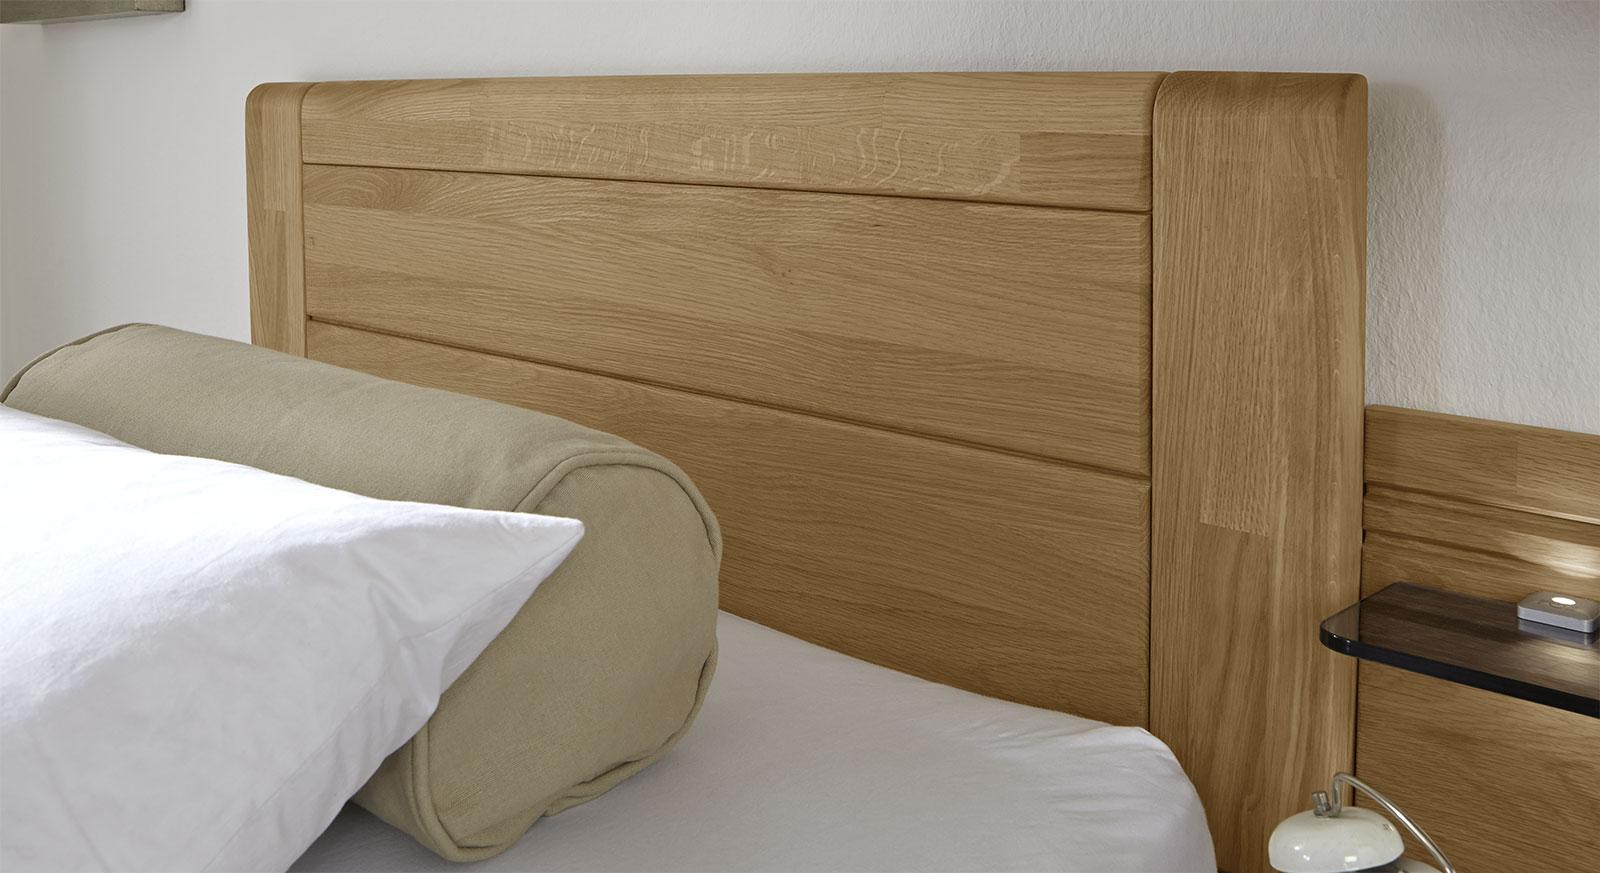 Schubkasten-Einzelbett Raidas Kopfteil mit Zierfräsung